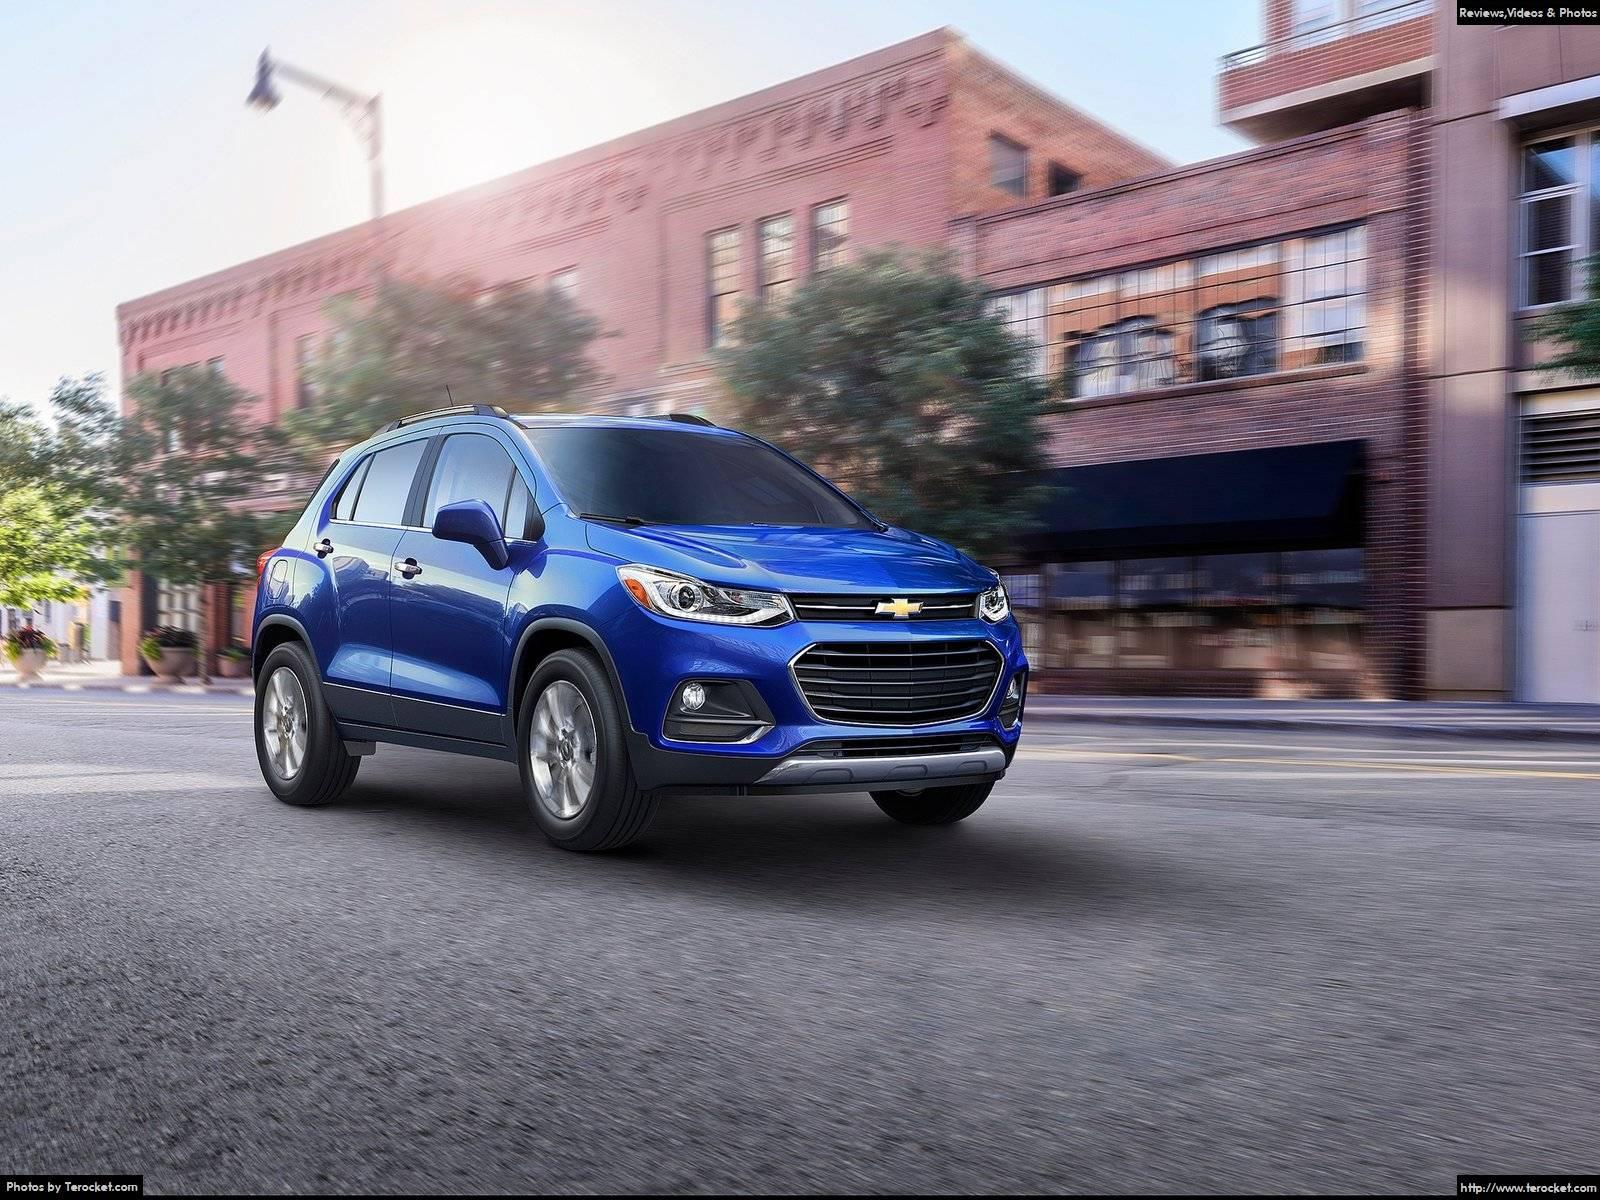 Hình ảnh xe ô tô Chevrolet Trax 2017 & nội ngoại thất